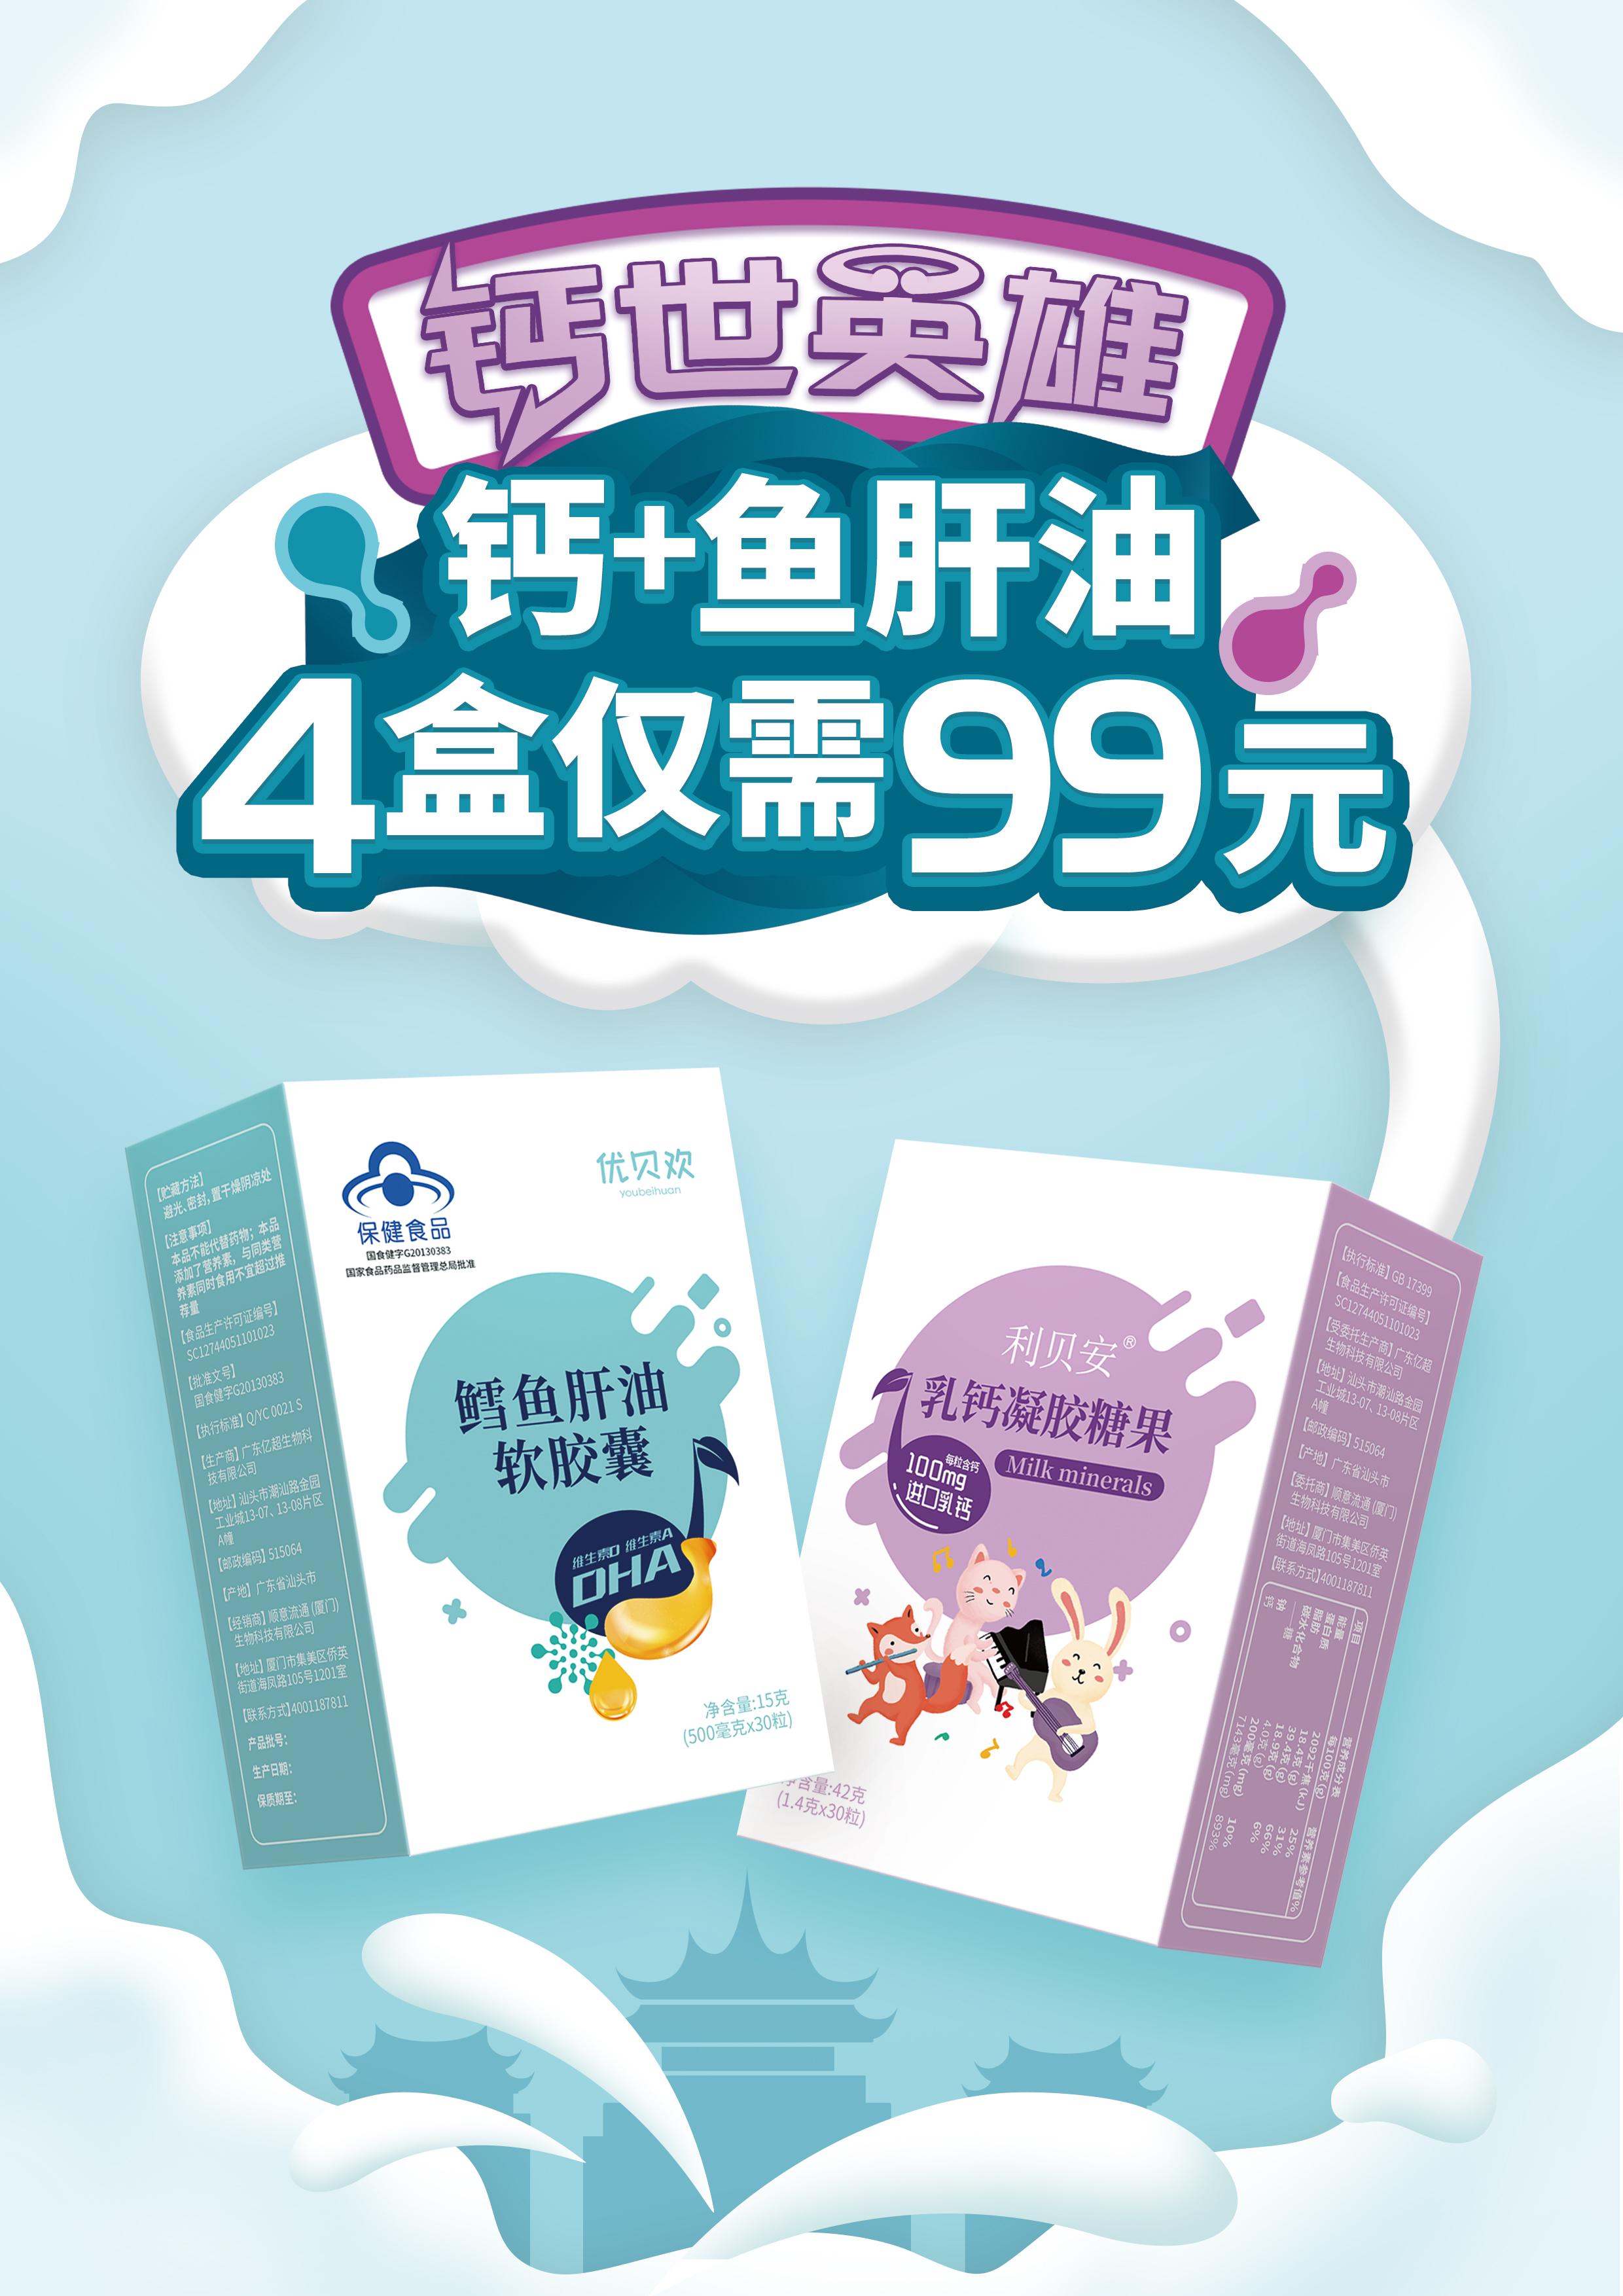 海报设计电商微信微店网络宣传图产品推广新品上市促销活动海报